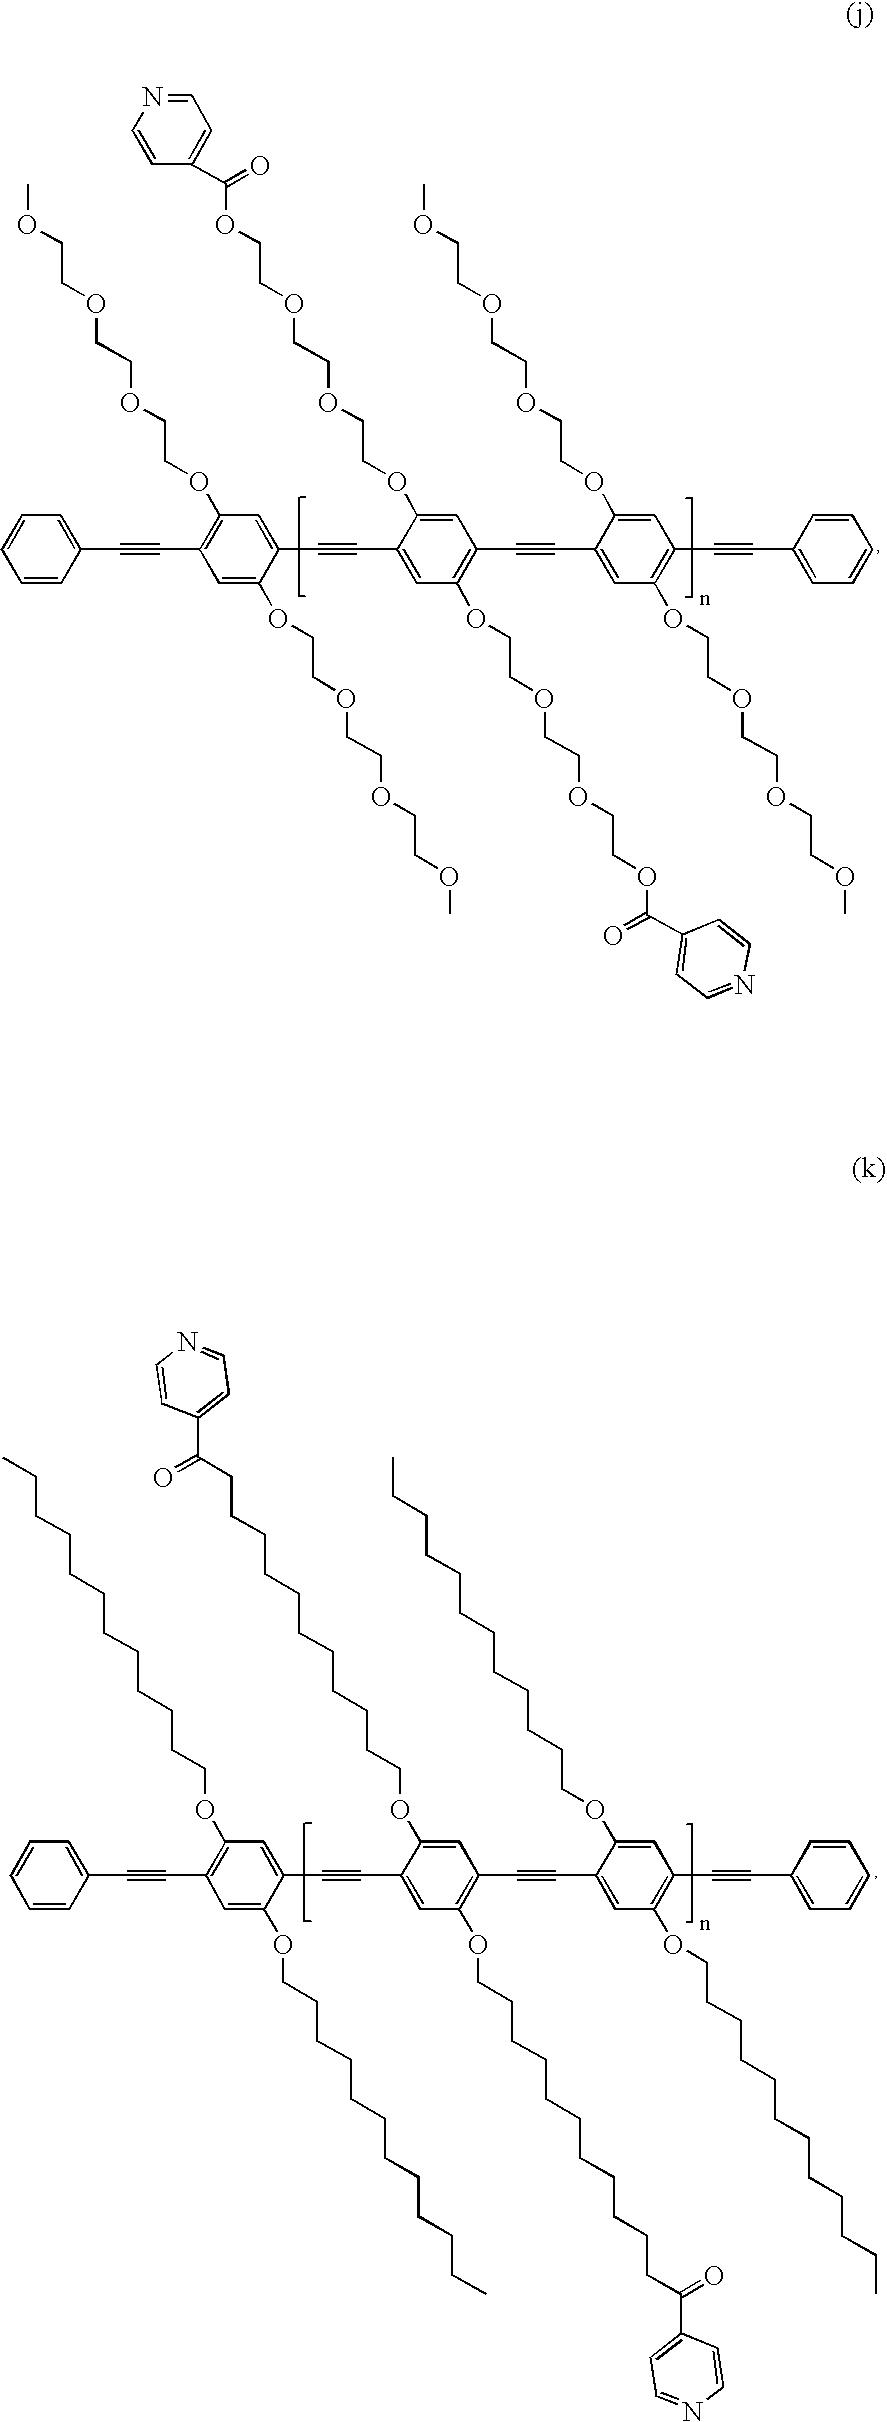 Figure US07479516-20090120-C00058